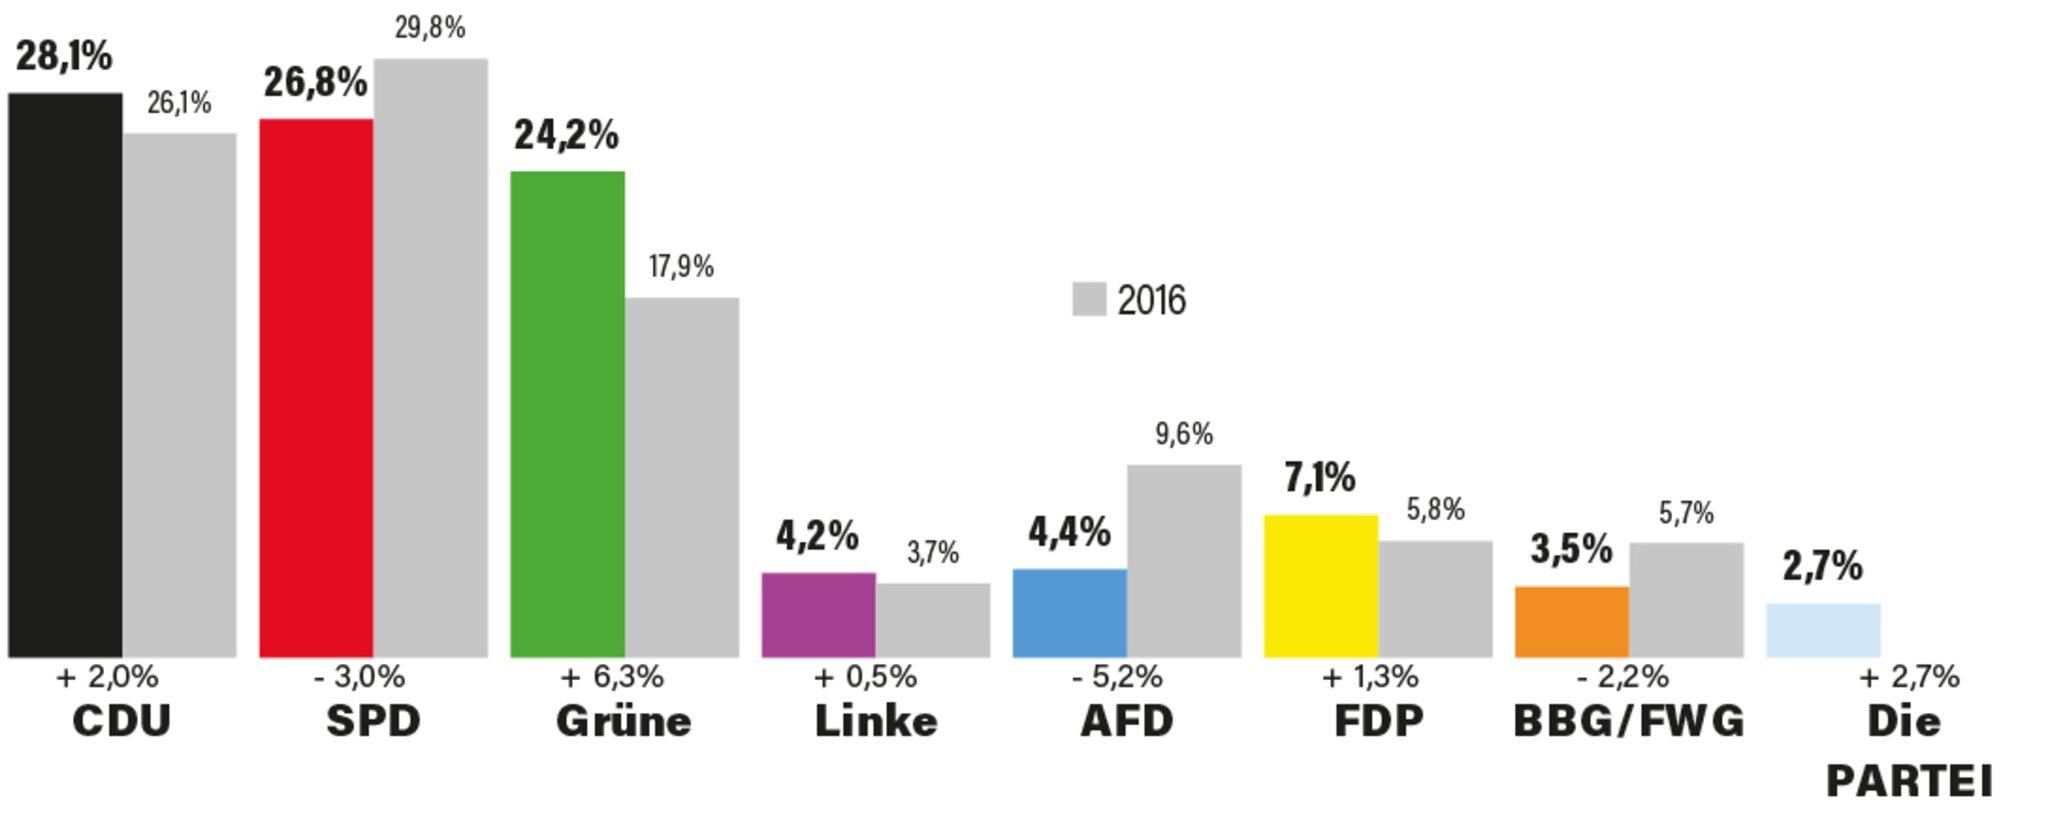 Grüne legen zu, CDU stärkste politische Kraft                                                                  Wahlergebnisse für den Buxtehuder Stadtrat